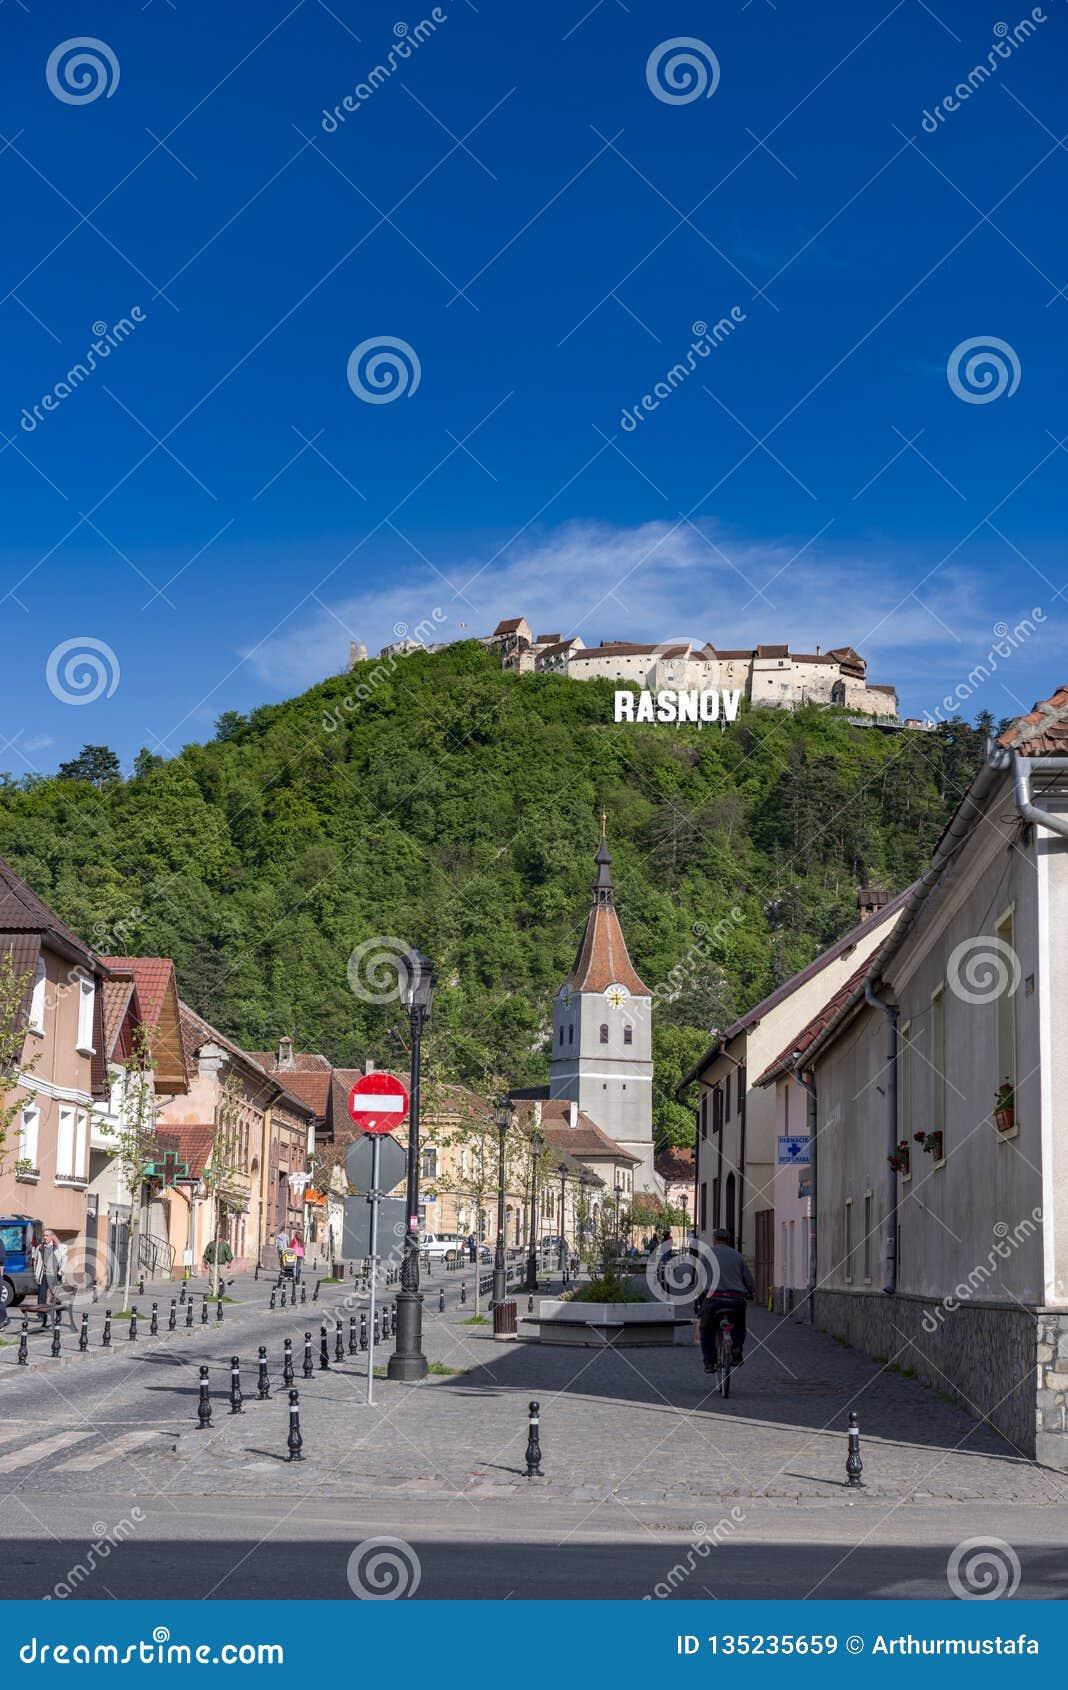 Rasnov, Румыния - май 2017: Взгляд mainstreet города Rasnov (графства Brasov (Румынии), с холмом средневекового Rasnov